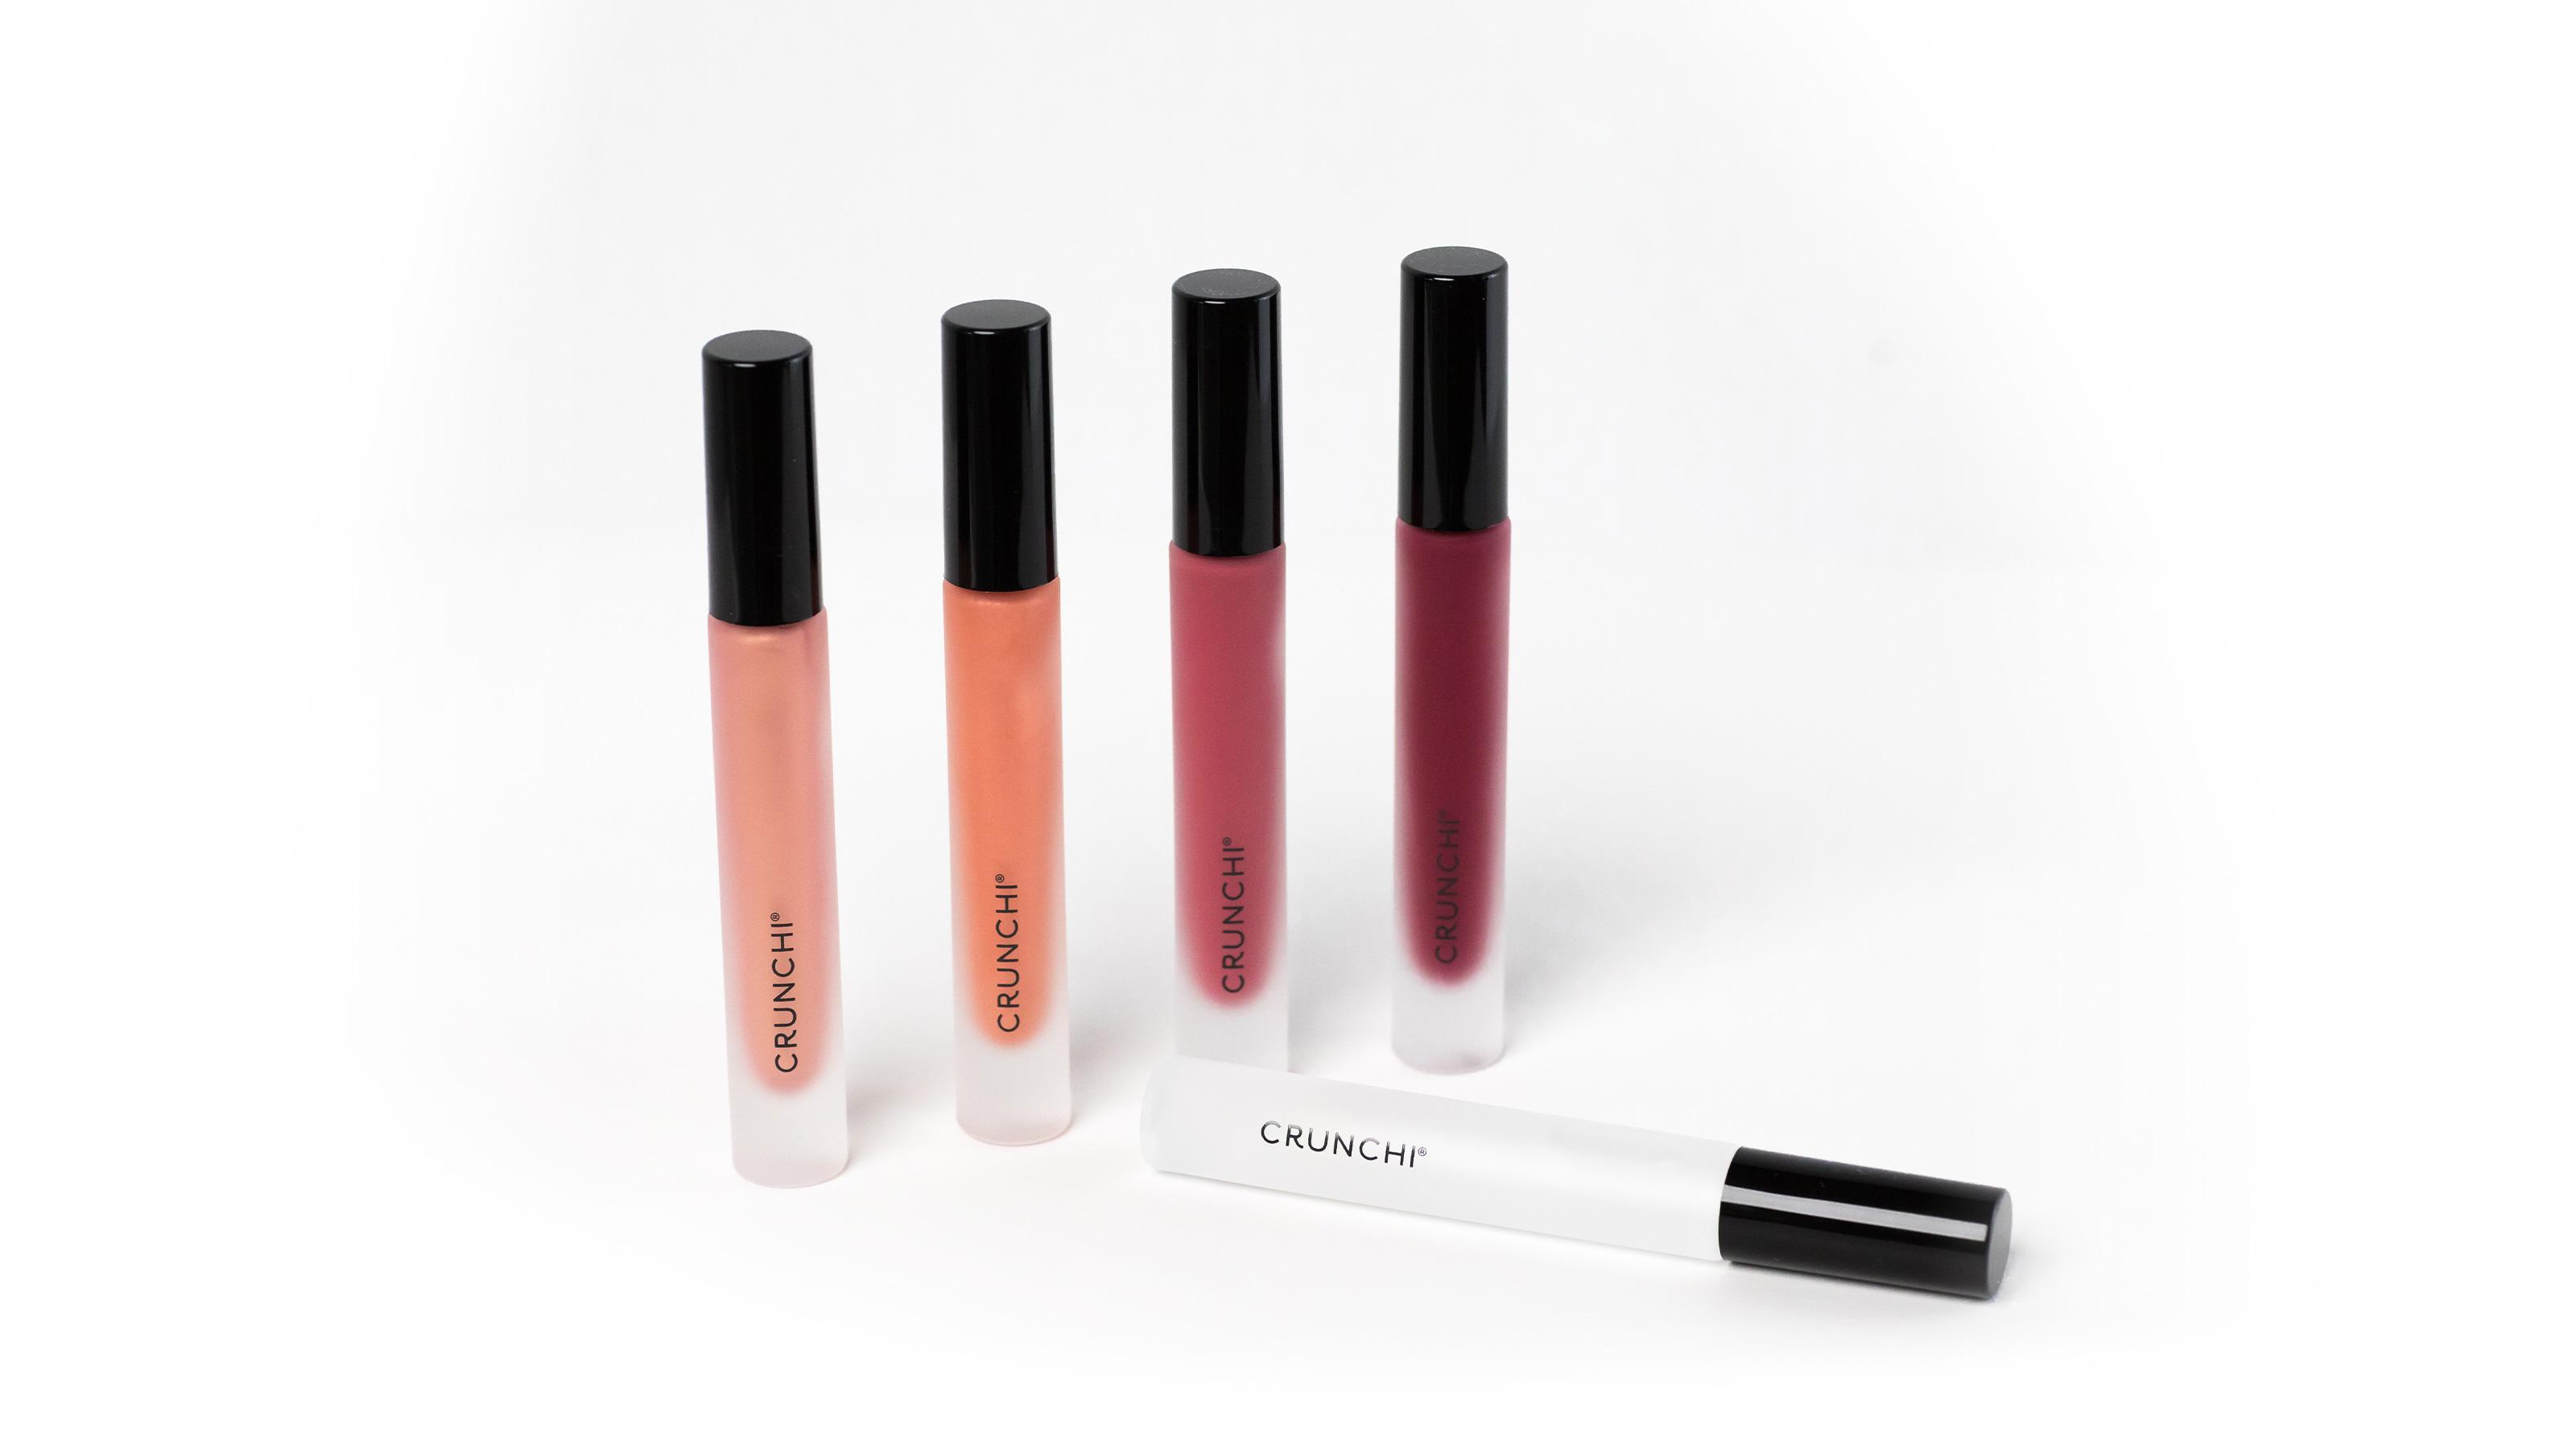 Three variaties of Crunchi Lipgloss